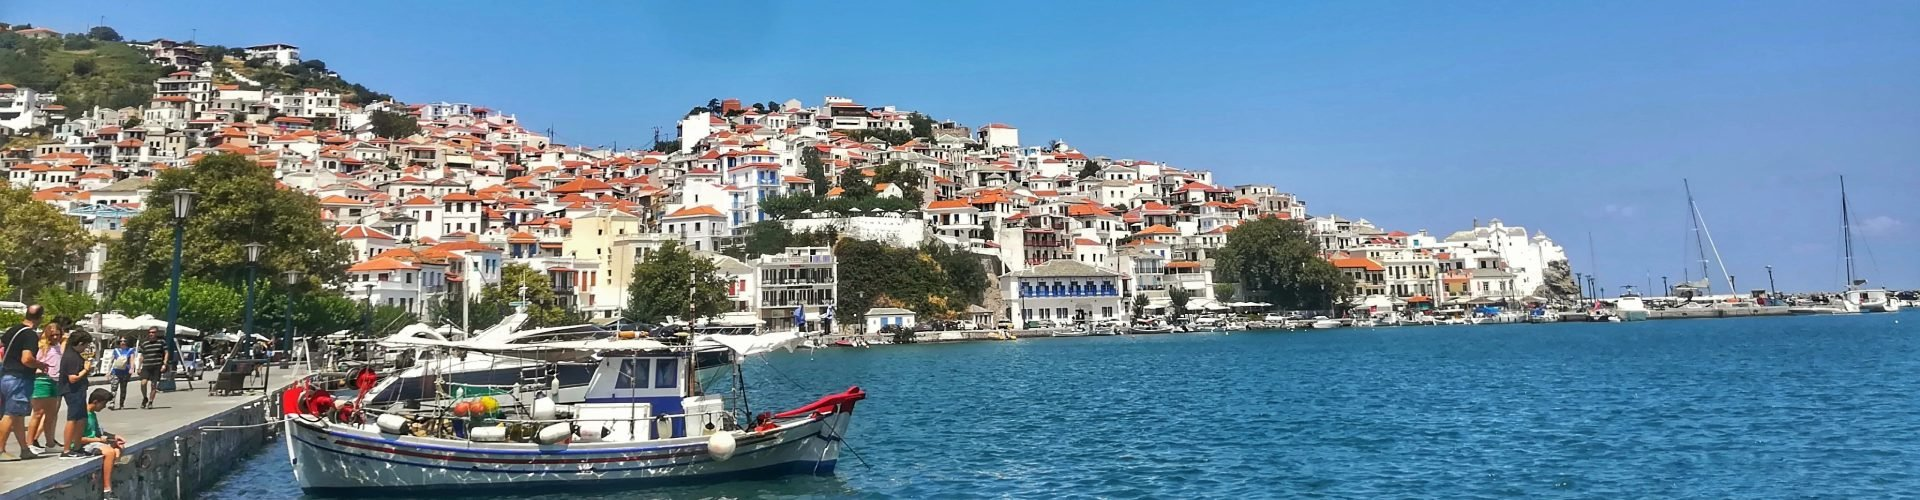 Ostrvo Skopelos letovanje